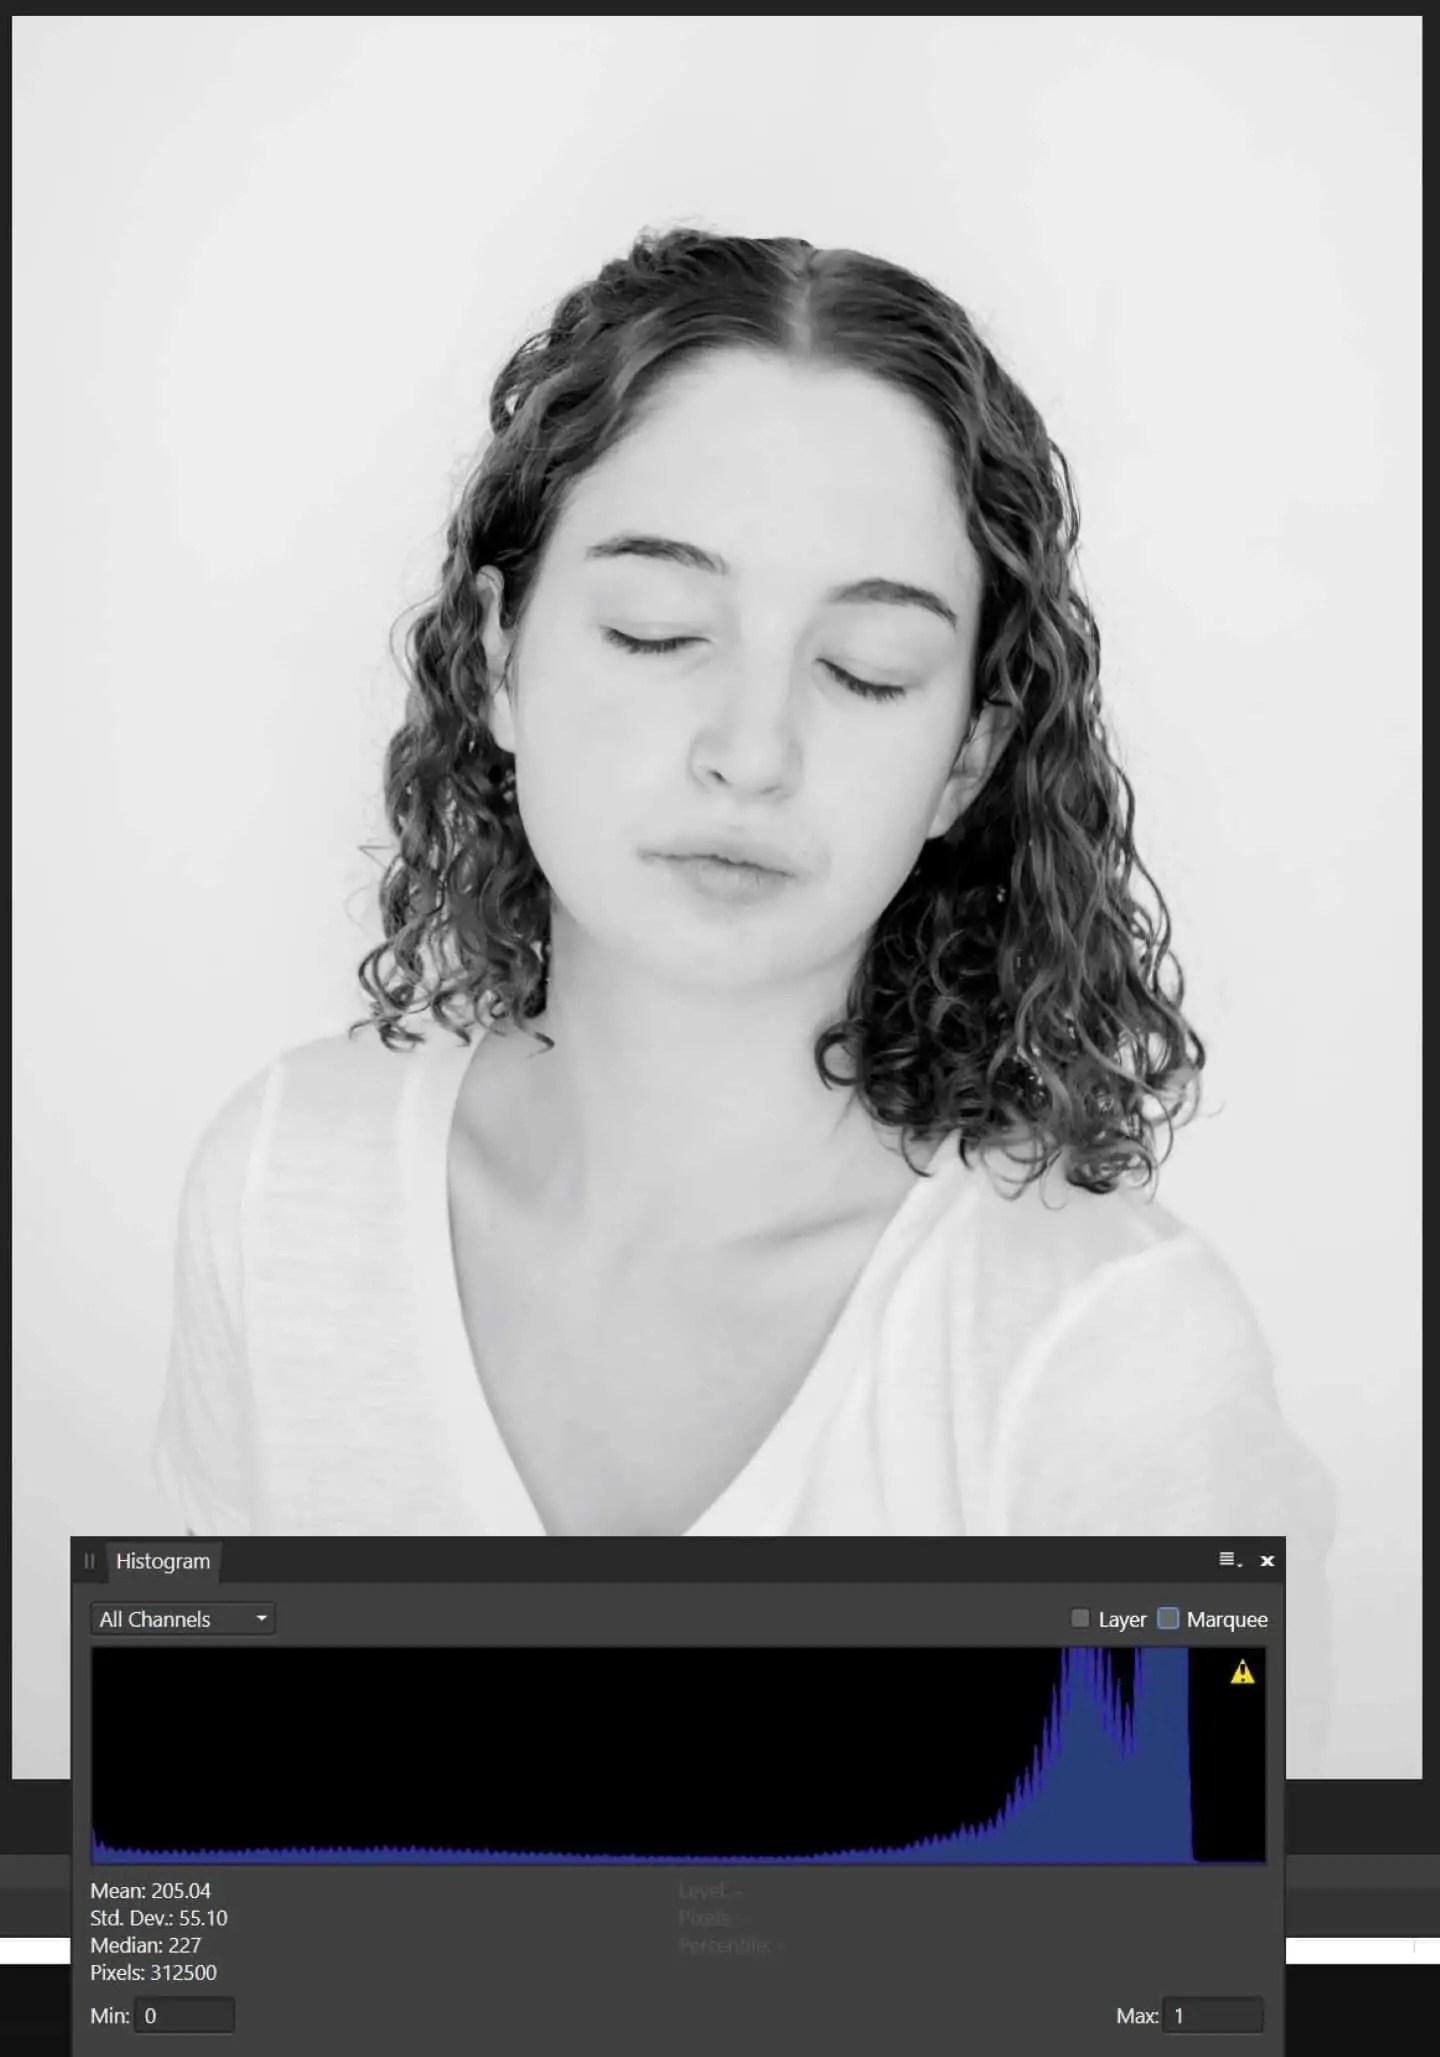 Bialy portret histogram po prawej stronie - Białe zdjęcie - co to jest ? 8 odpowiedzi